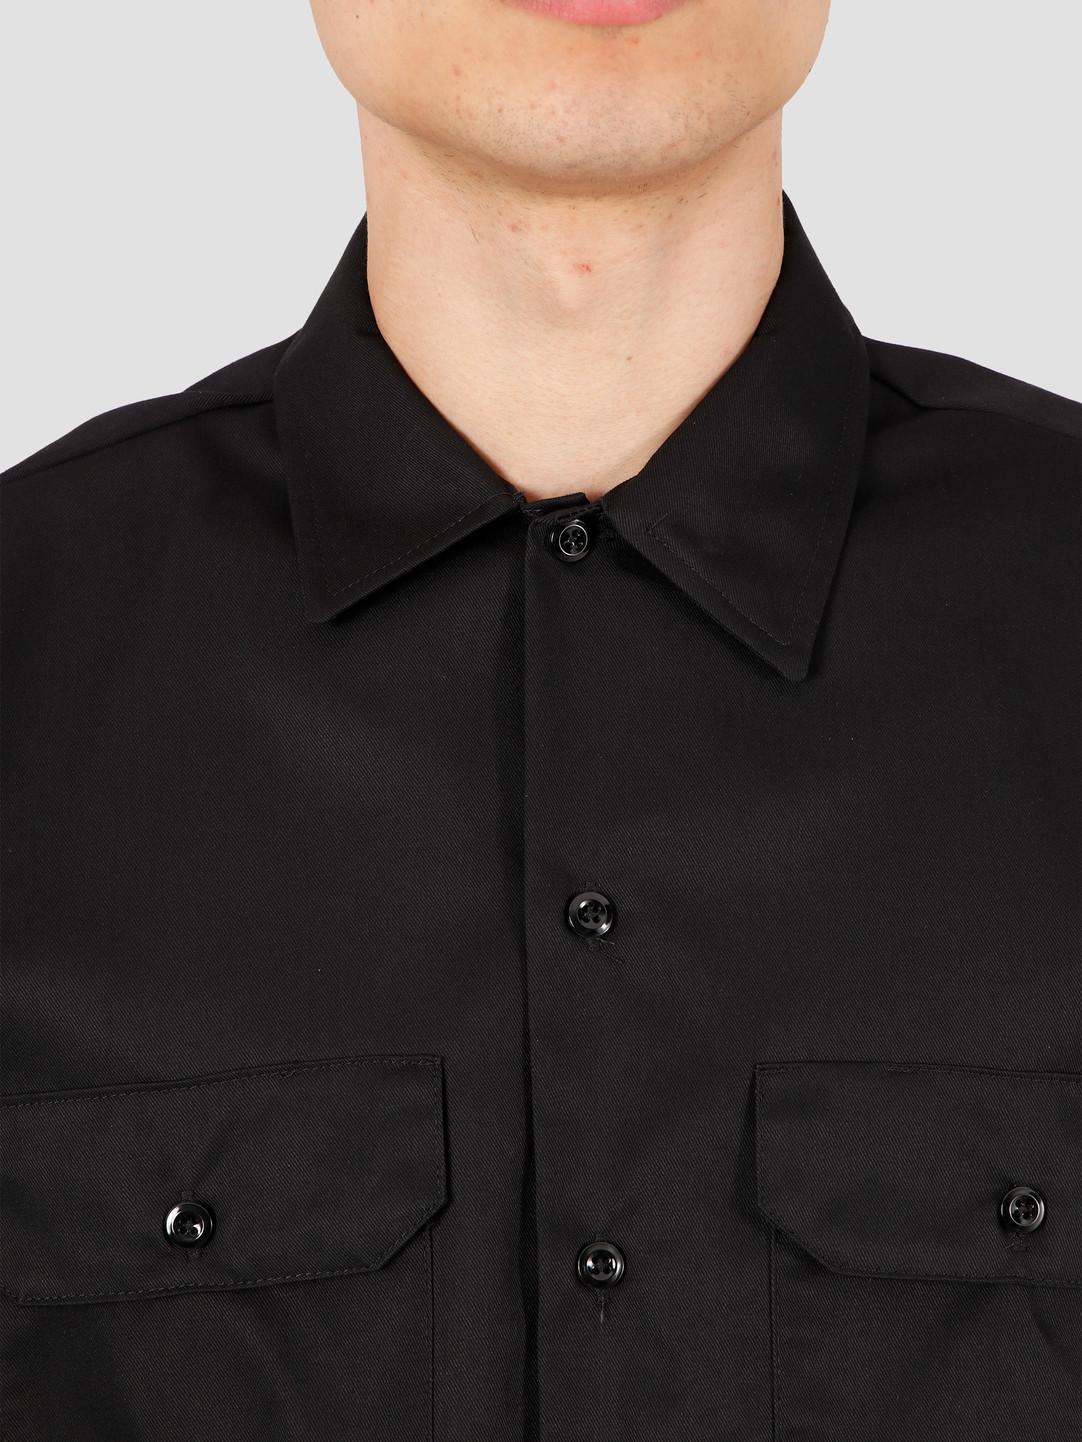 Dickies Dickies Short Sleeve Work Shirt Black DK001574BLK1